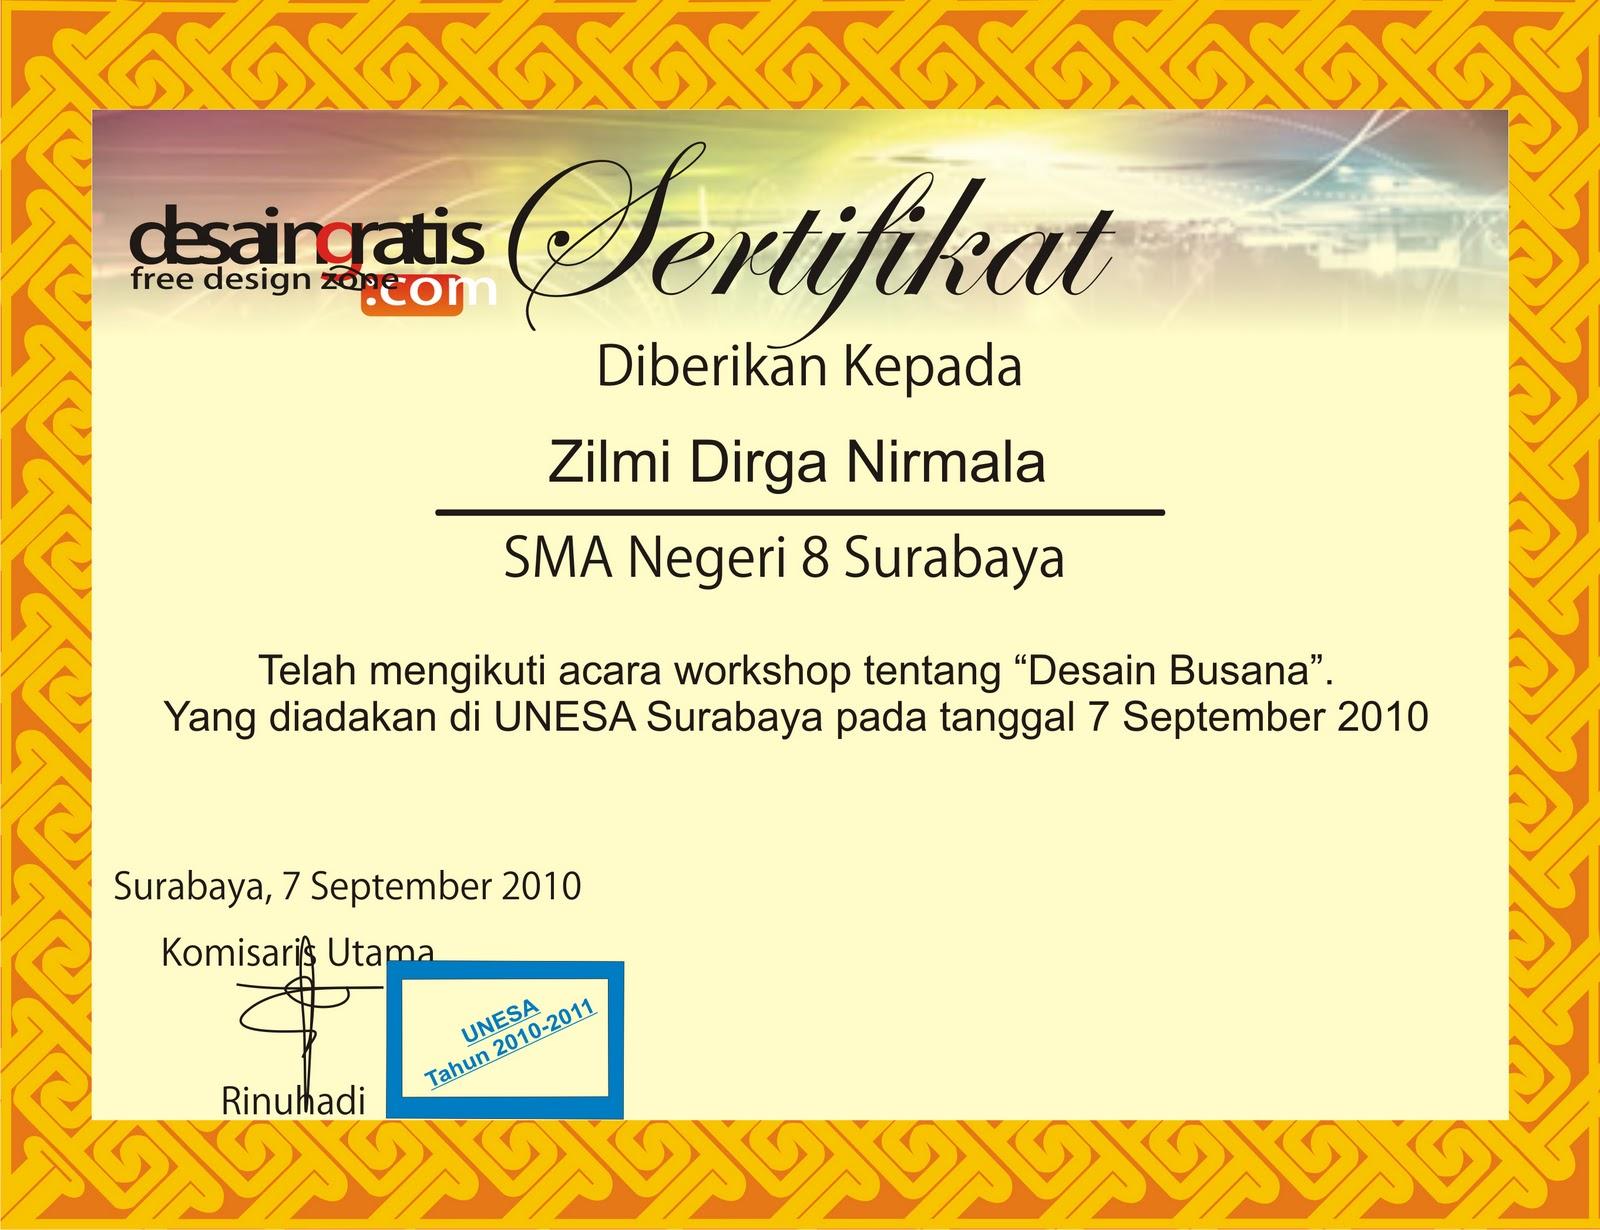 tugas sertifikat